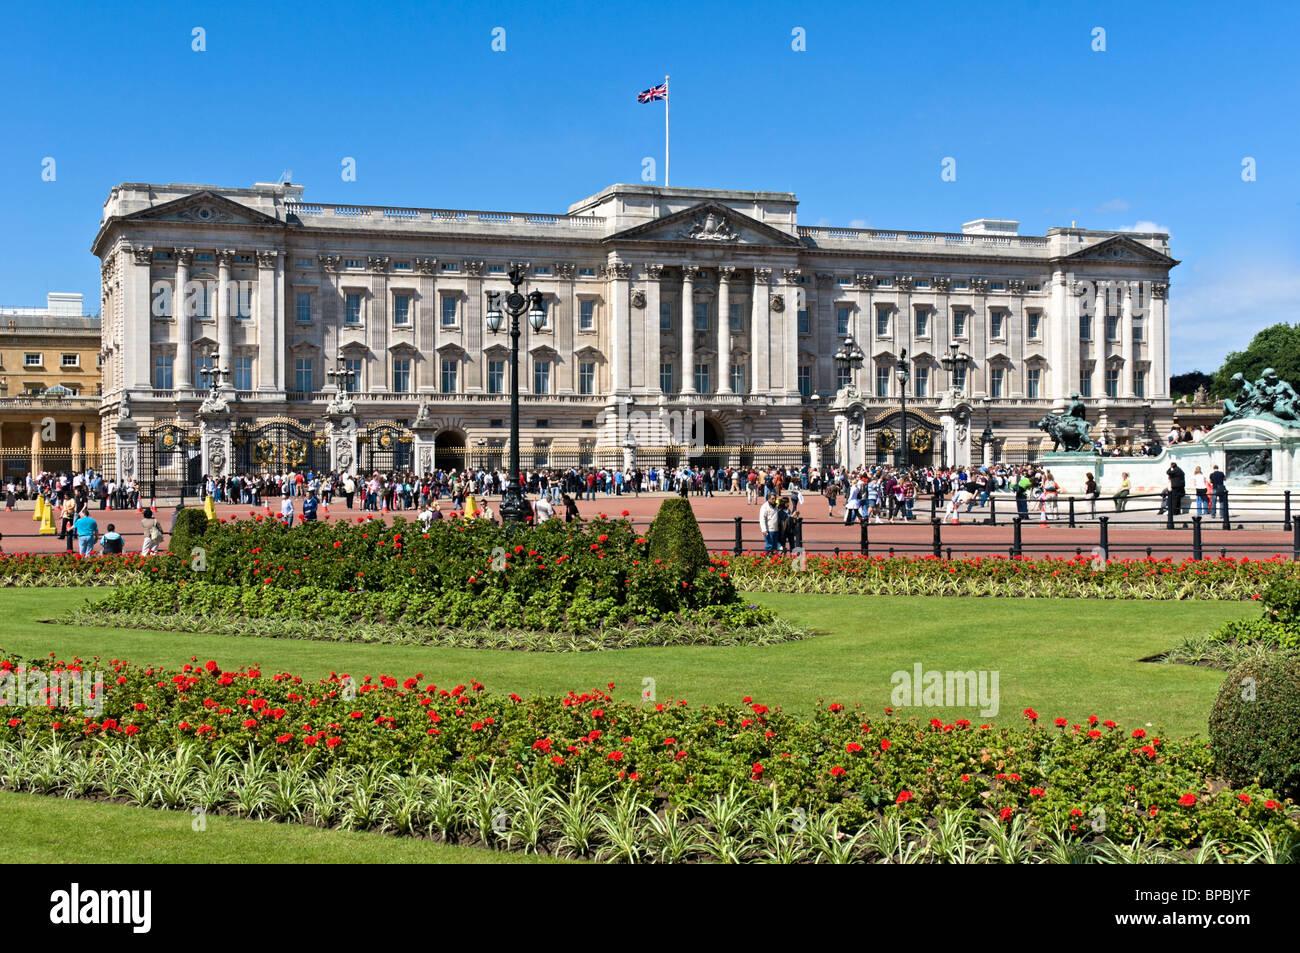 Buckingham palace, London - Stock Image